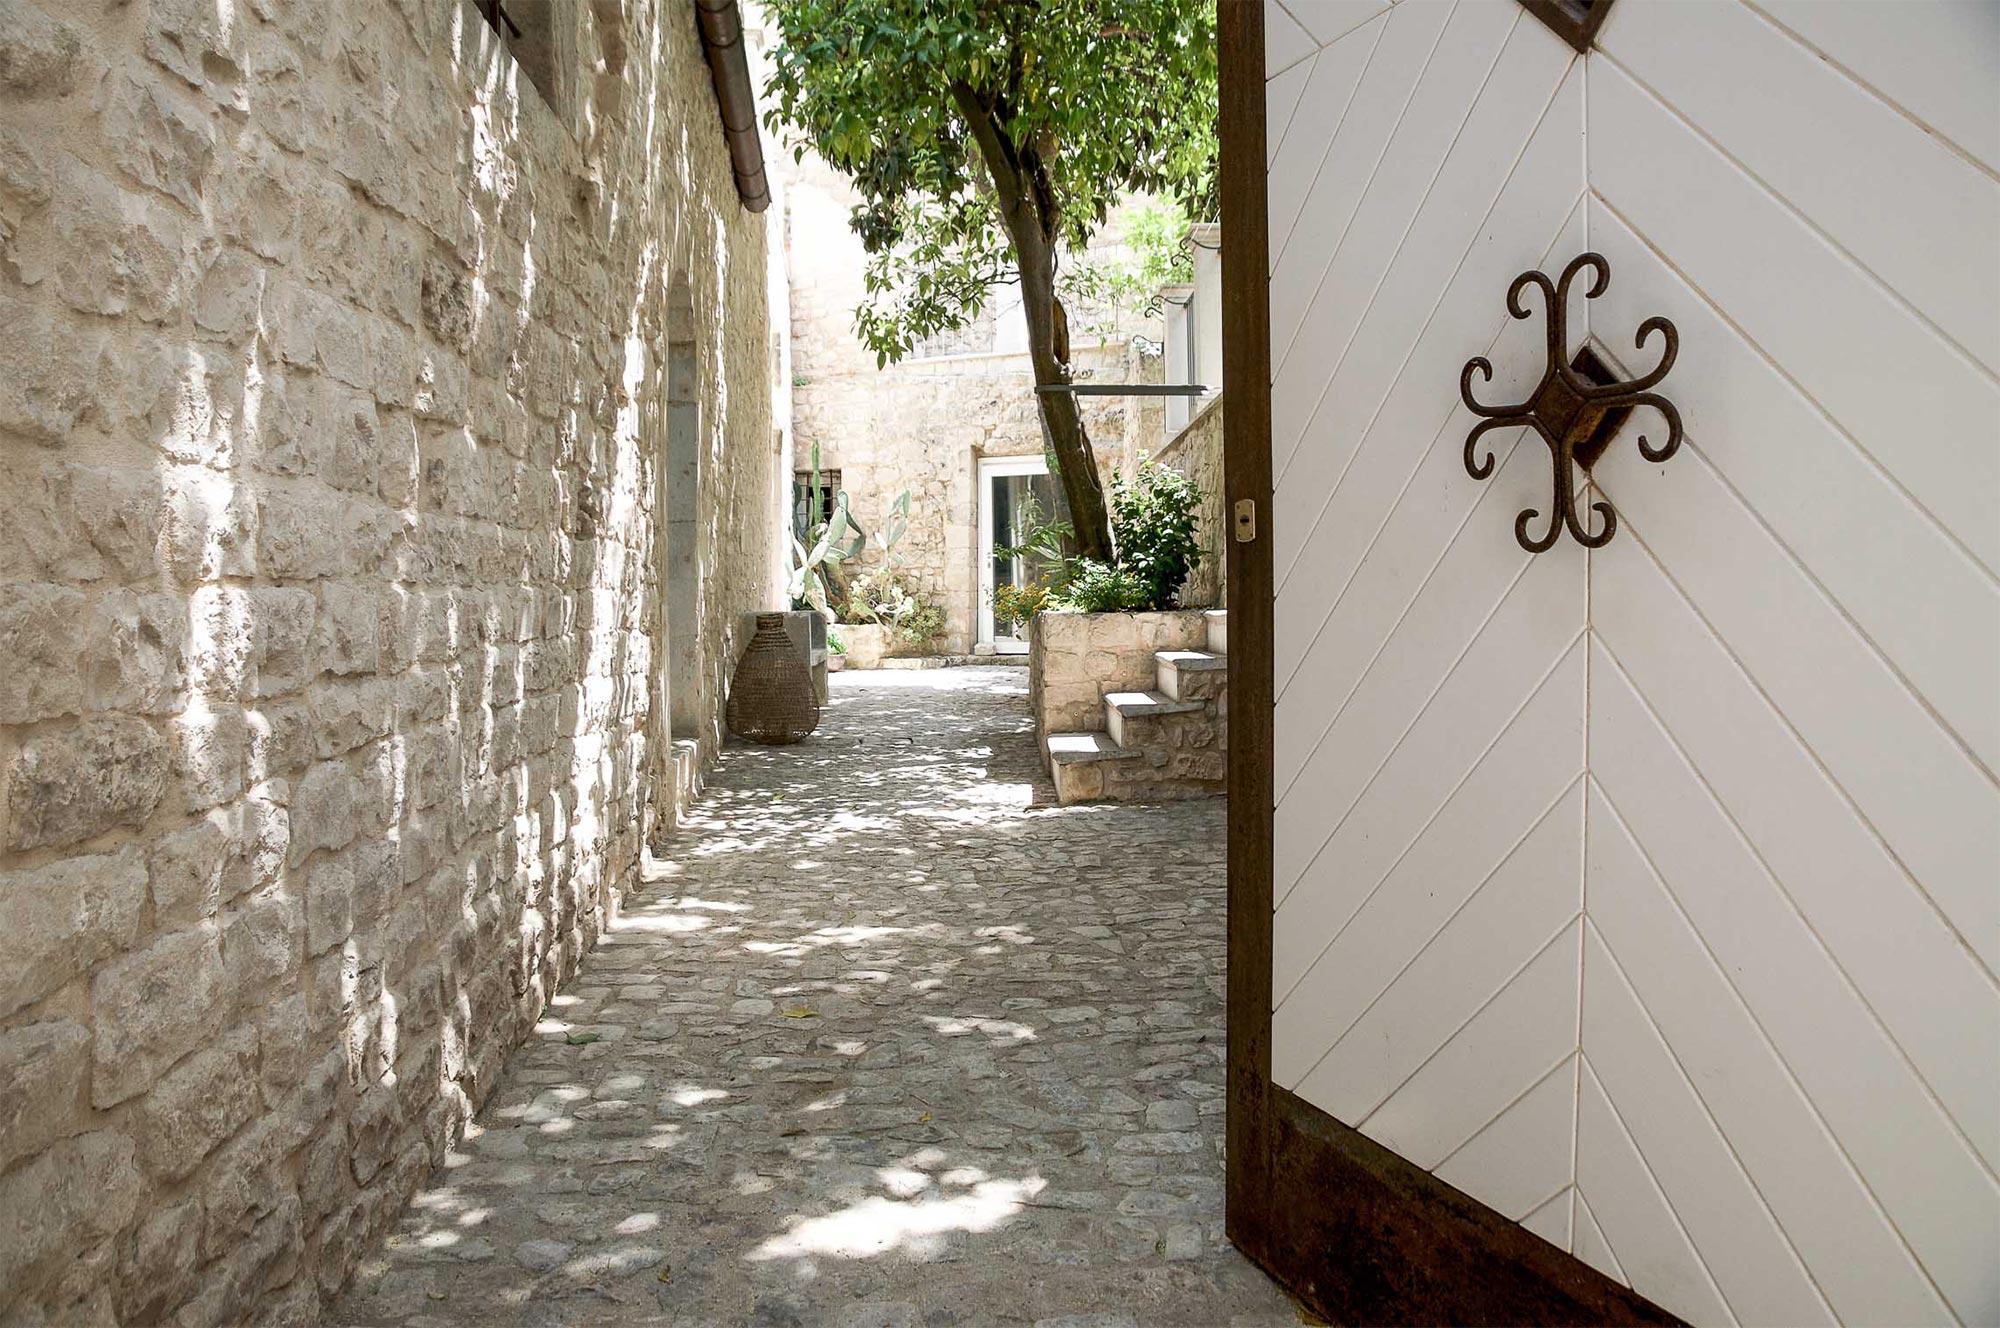 Eingang der Residenza Hortus